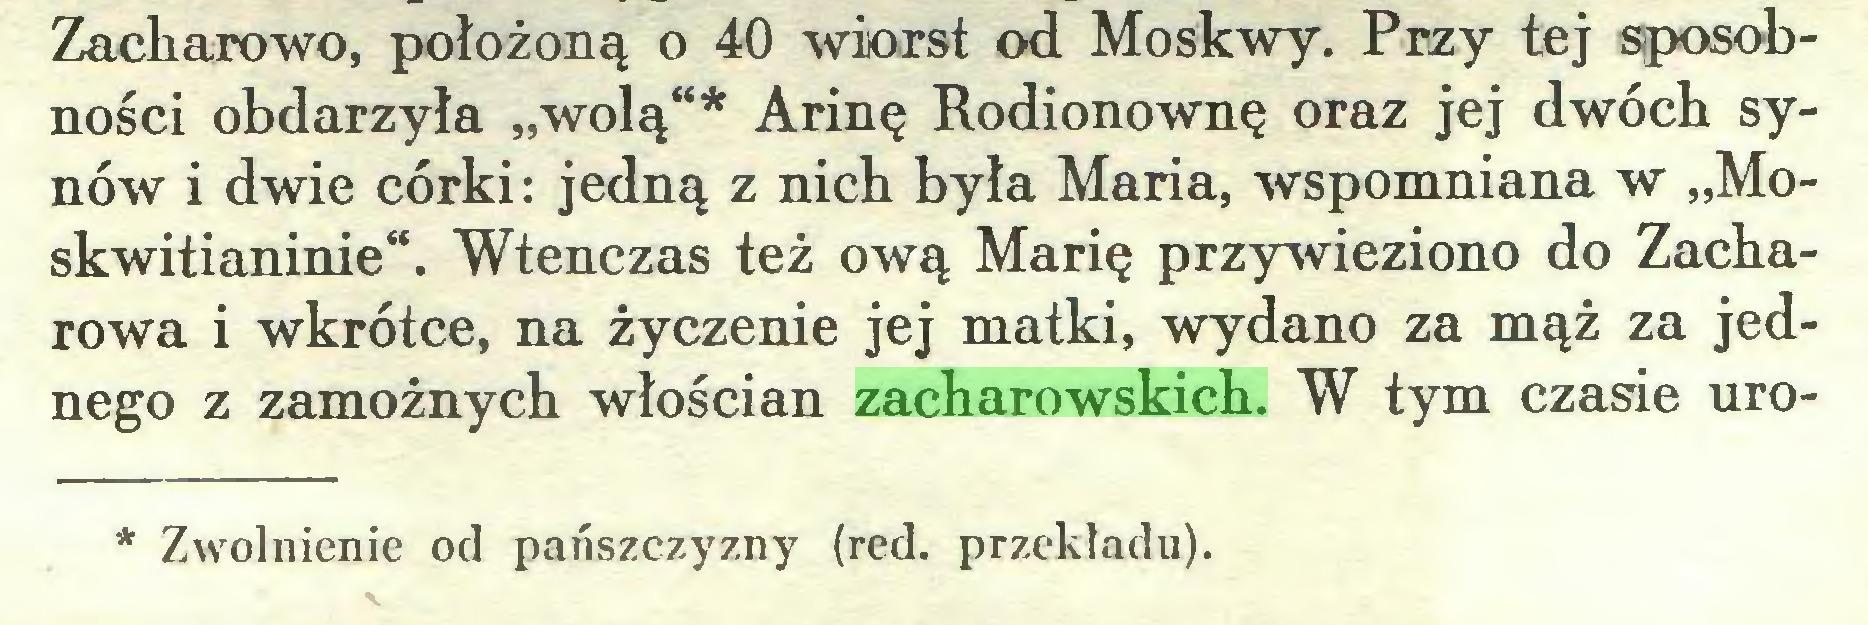 """(...) Zacharowo, położoną o 40 wiorst od Moskwy. Przy tej sposobności obdarzyła """"wolą""""* Arinę Rodionownę oraz jej dwóch synów i dwie córki: jedną z nich była Maria, wspomniana w """"Moskwitianinie"""". Wtenczas też ową Marię przywieziono do Zacharowa i wkrótce, na życzenie jej matki, wydano za mąż za jednego z zamożnych włościan zacharowskich. W tym czasie uroZwolnienie od pańszczyzny (red. przekładu)..."""